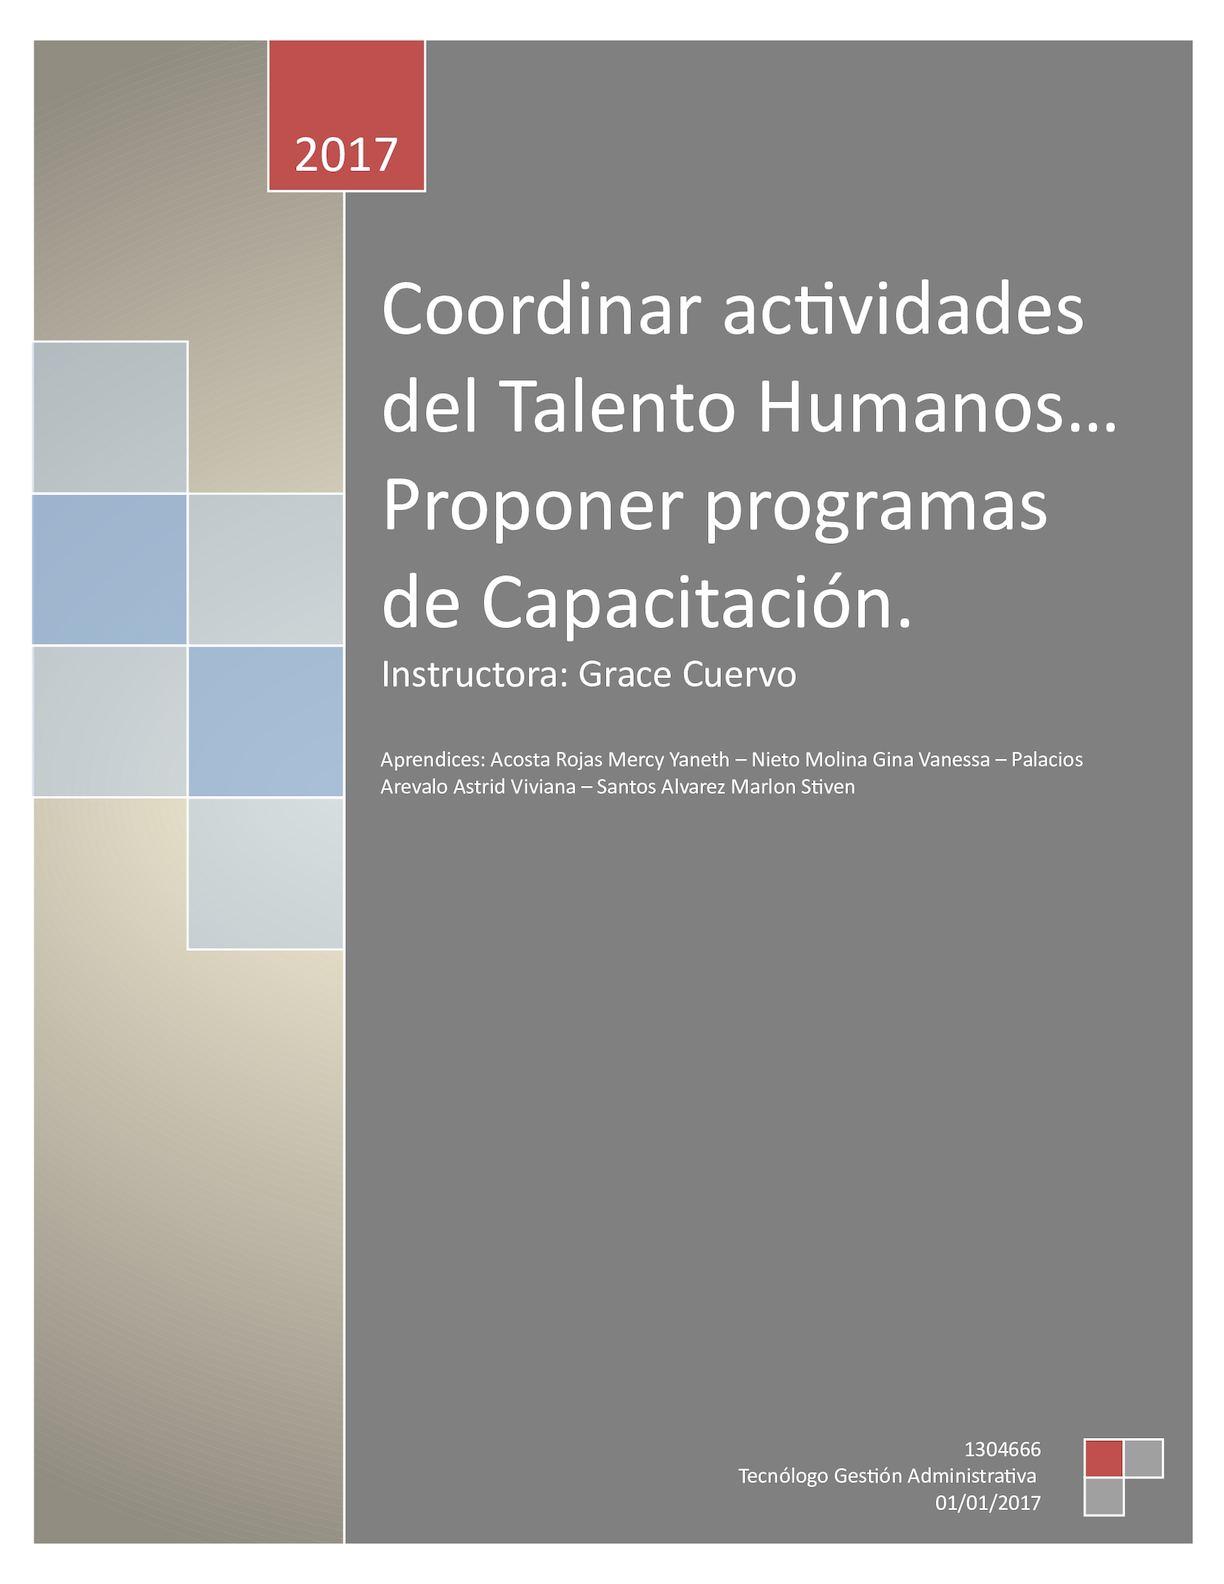 Coordinar actividades del Talento Humano - Proponer programas de Capacitación